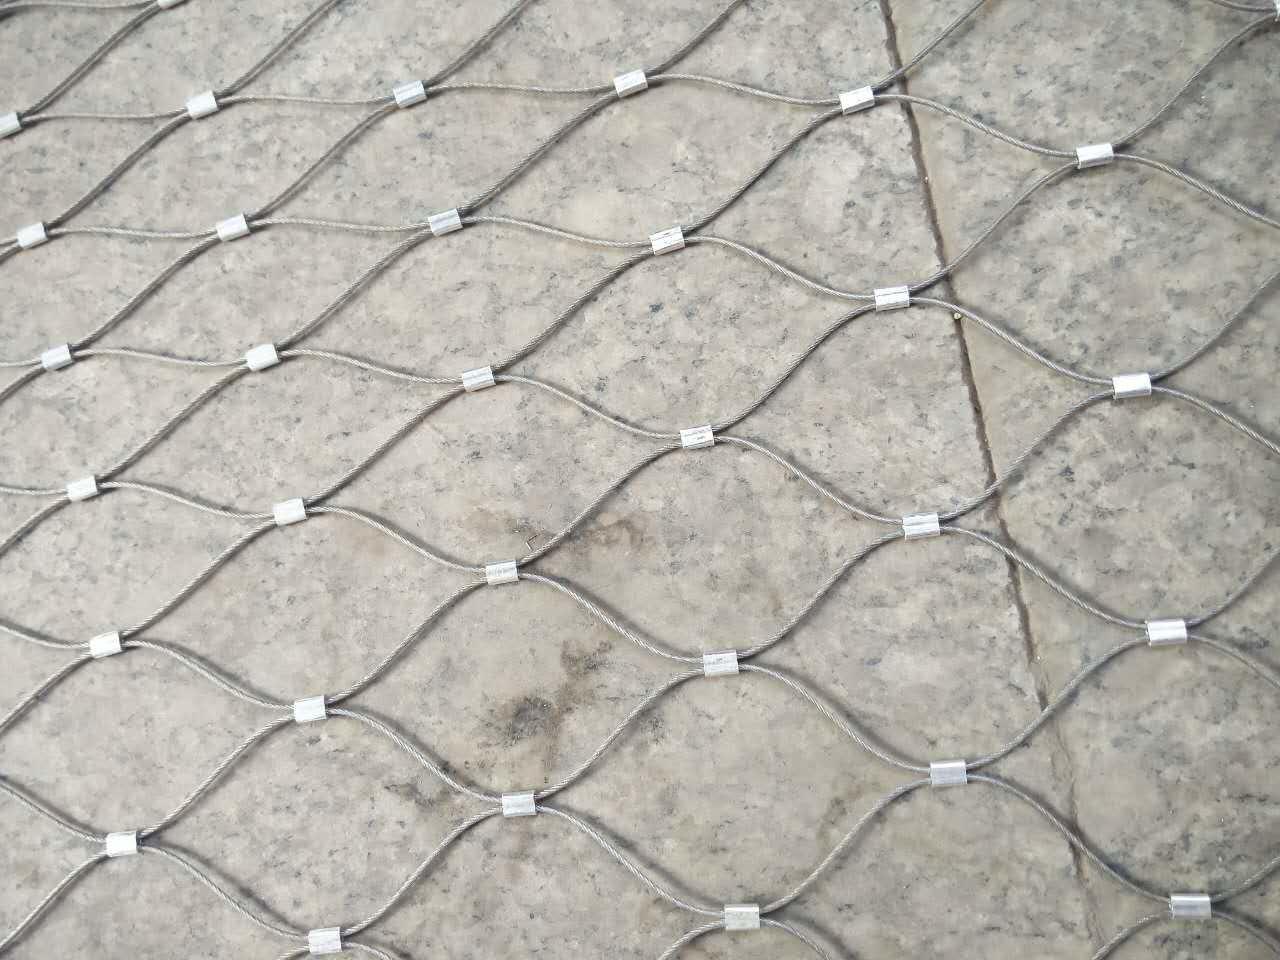 China Stainless Steel Rope Mesh Netting-Animal Zoo Enclosure Aviary ...